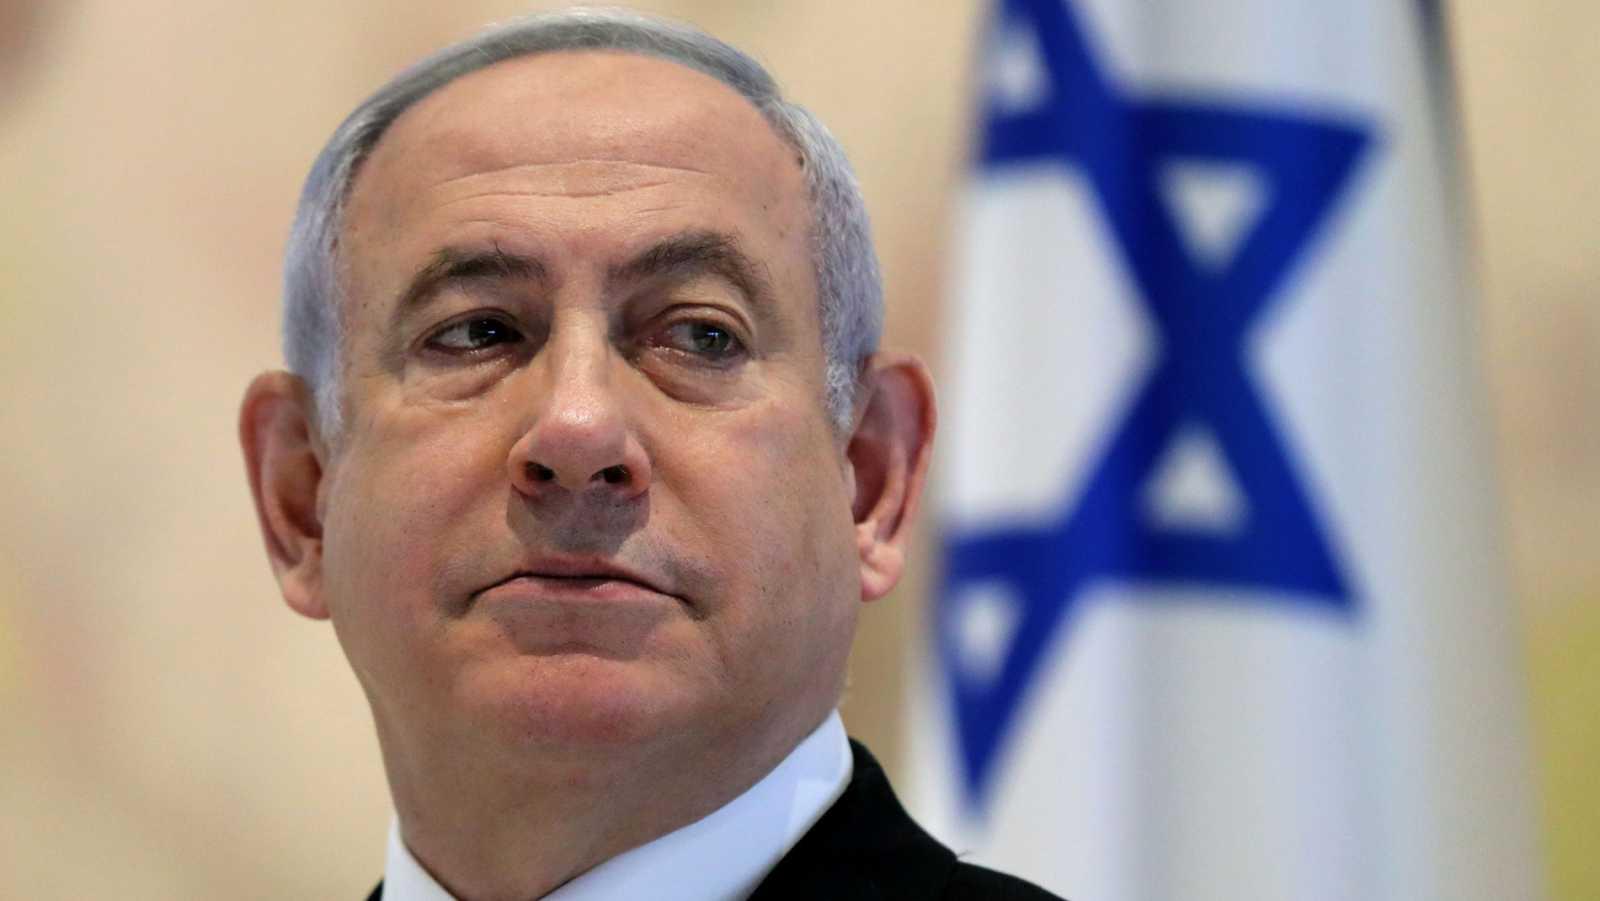 Comienza el juicio por corrupción contra Netanyahu